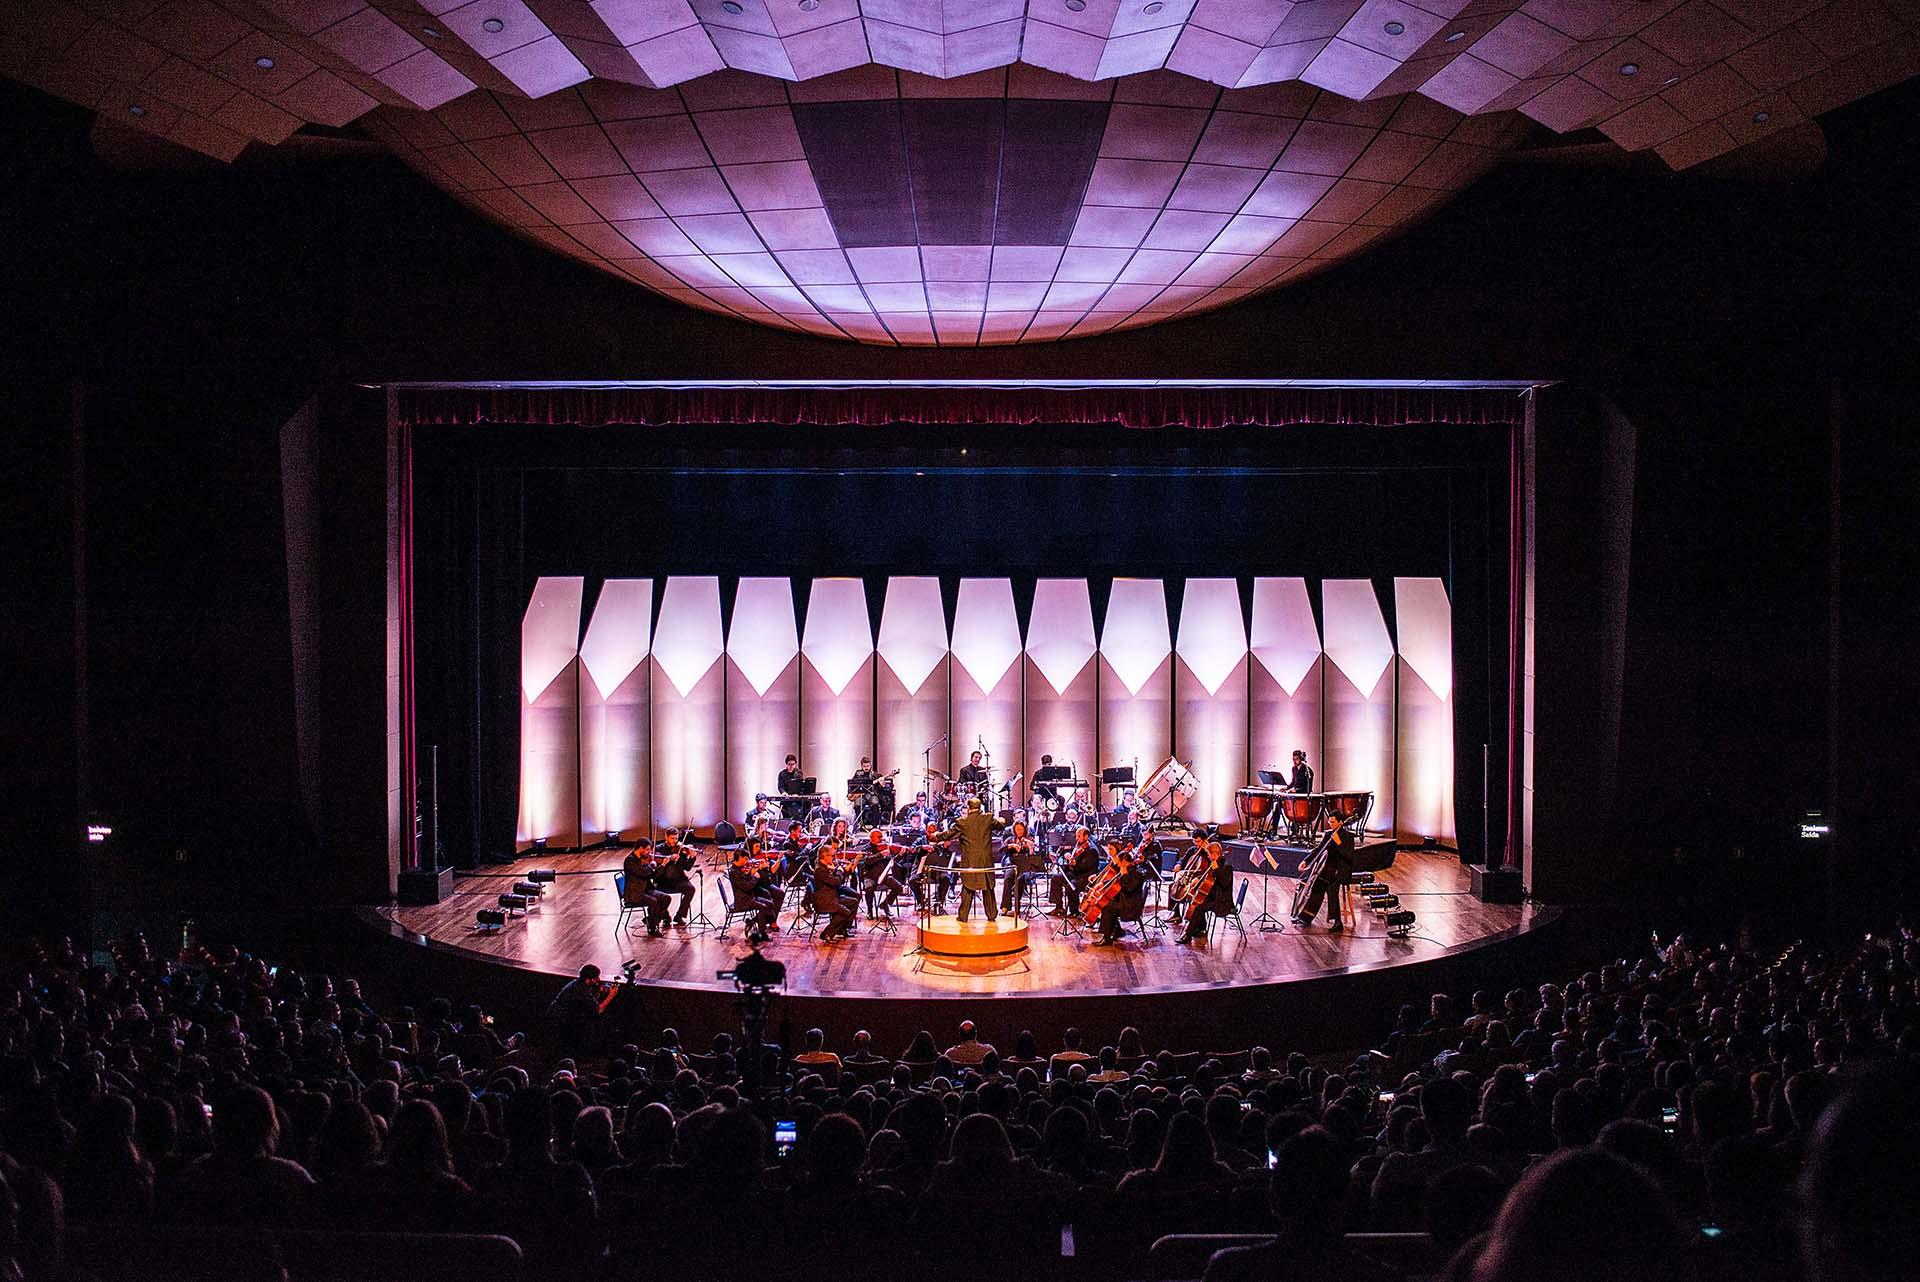 Teatro Fênix apresenta a peça musical Carnaval dos Animais